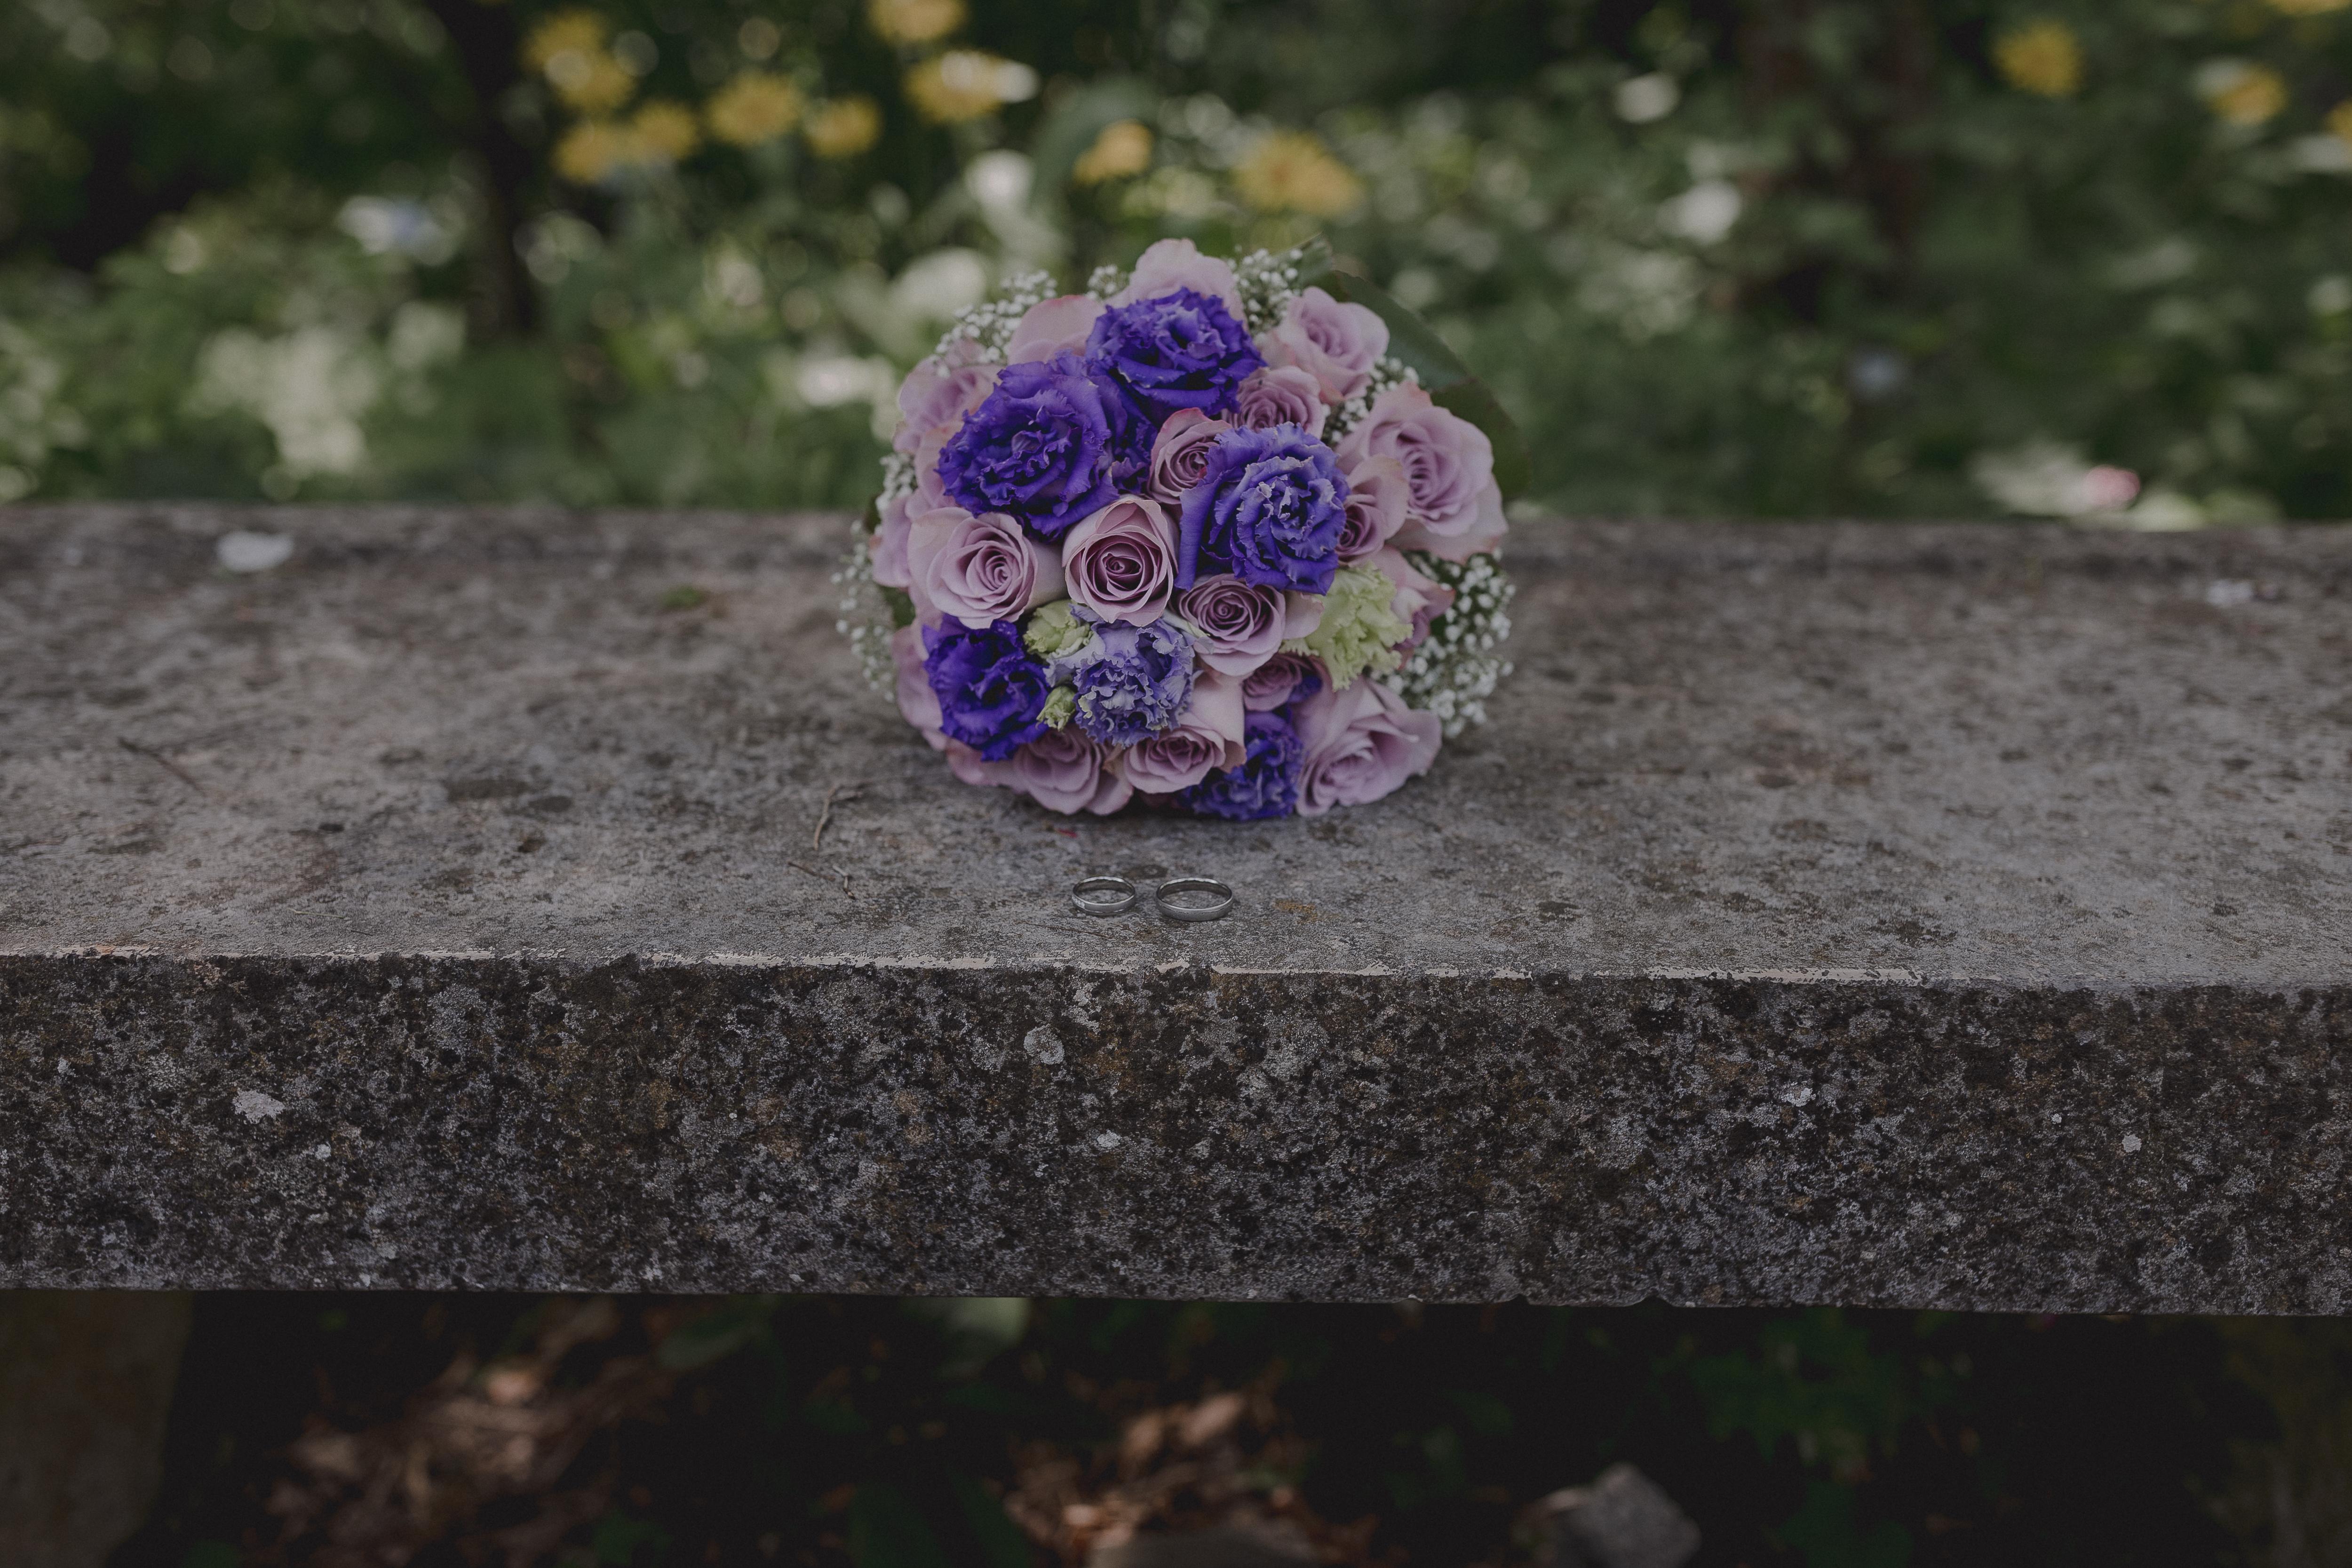 URBANERIE_Daniela_Goth_Vintage_Hochzeitsfotografin_Nuernberg_Fuerth_Erlangen_180519_0722